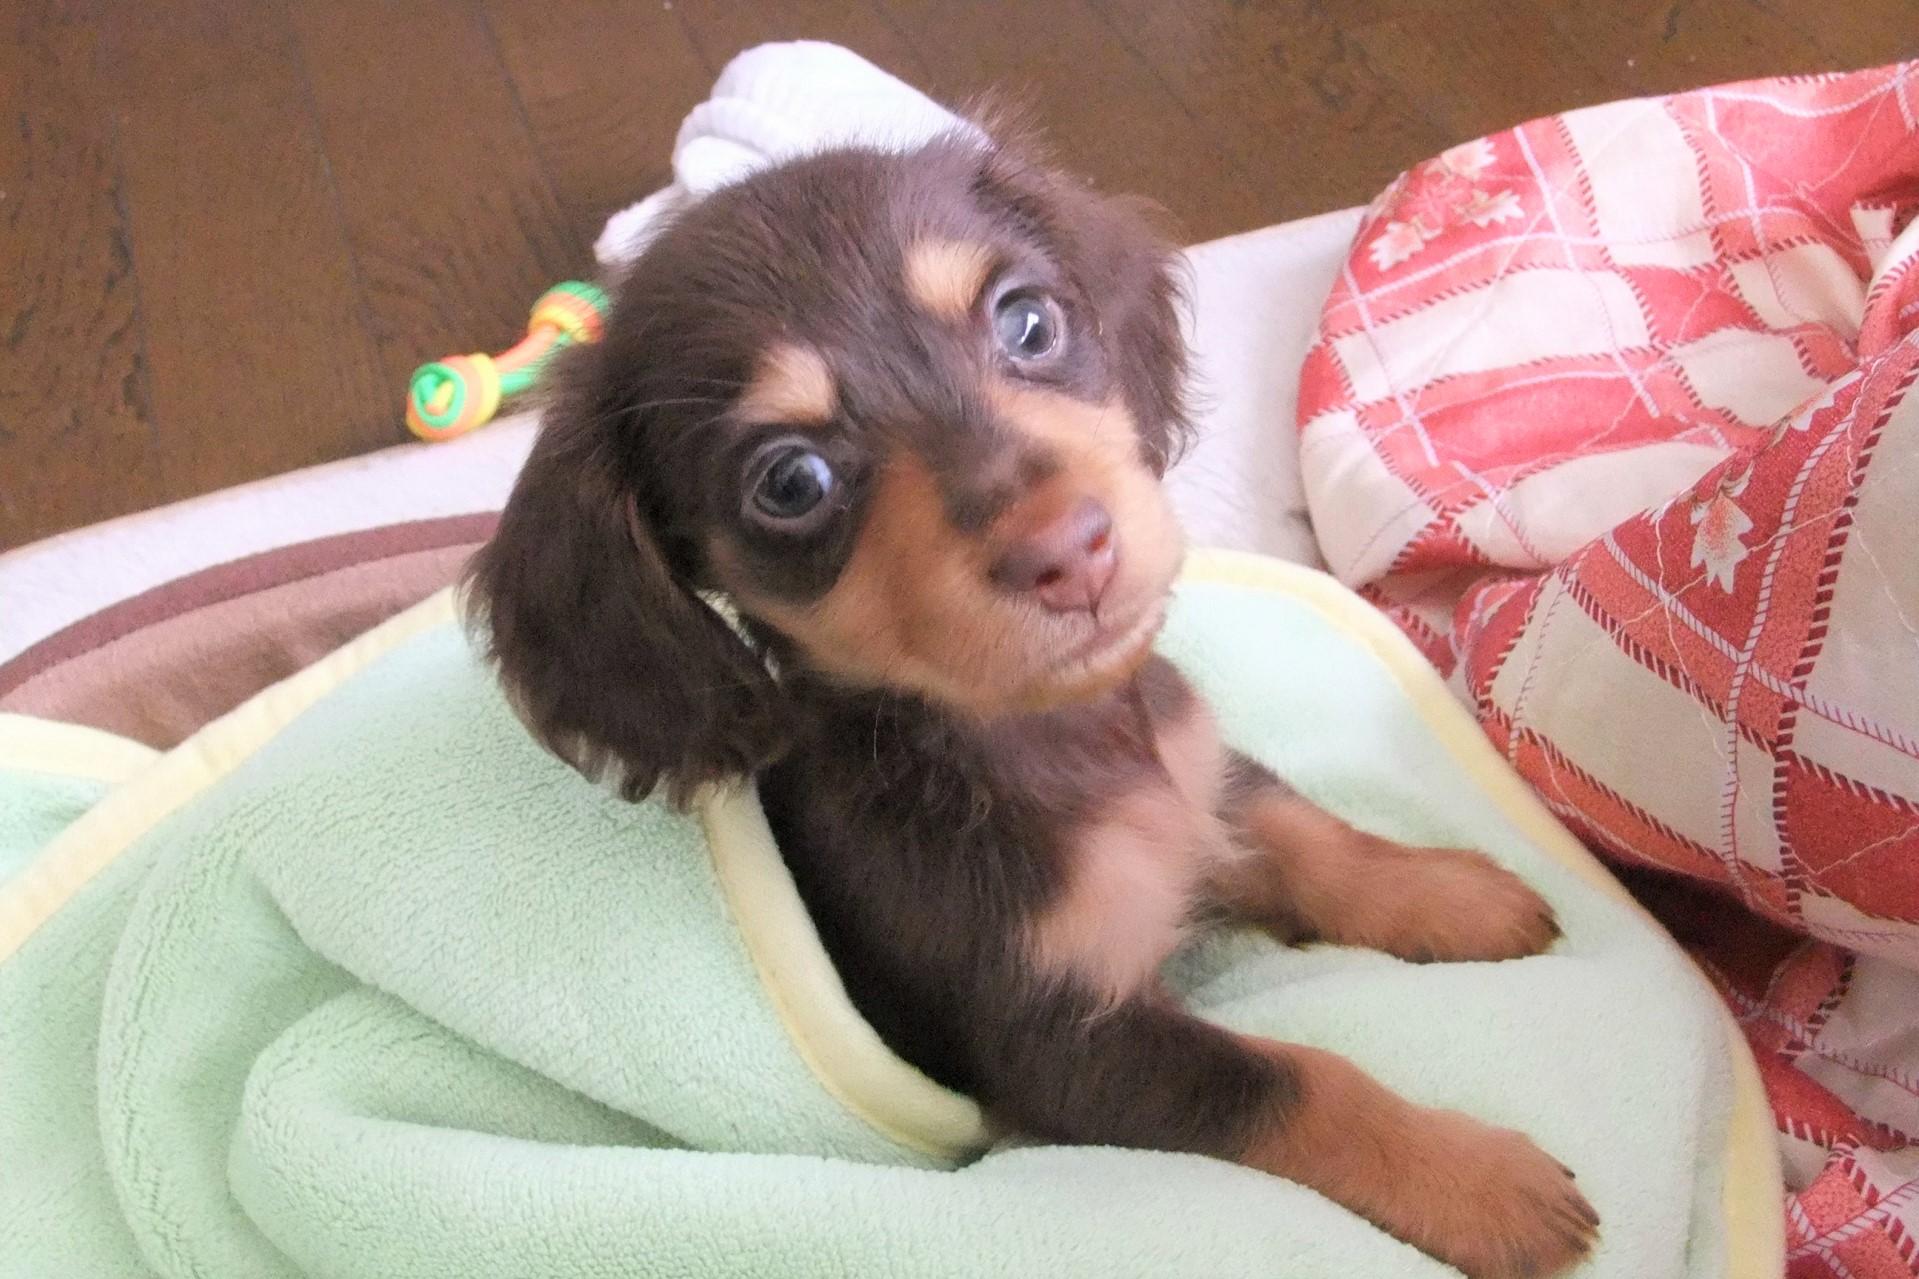 こちらを見つめているミニチュアダックスフンドの子犬。